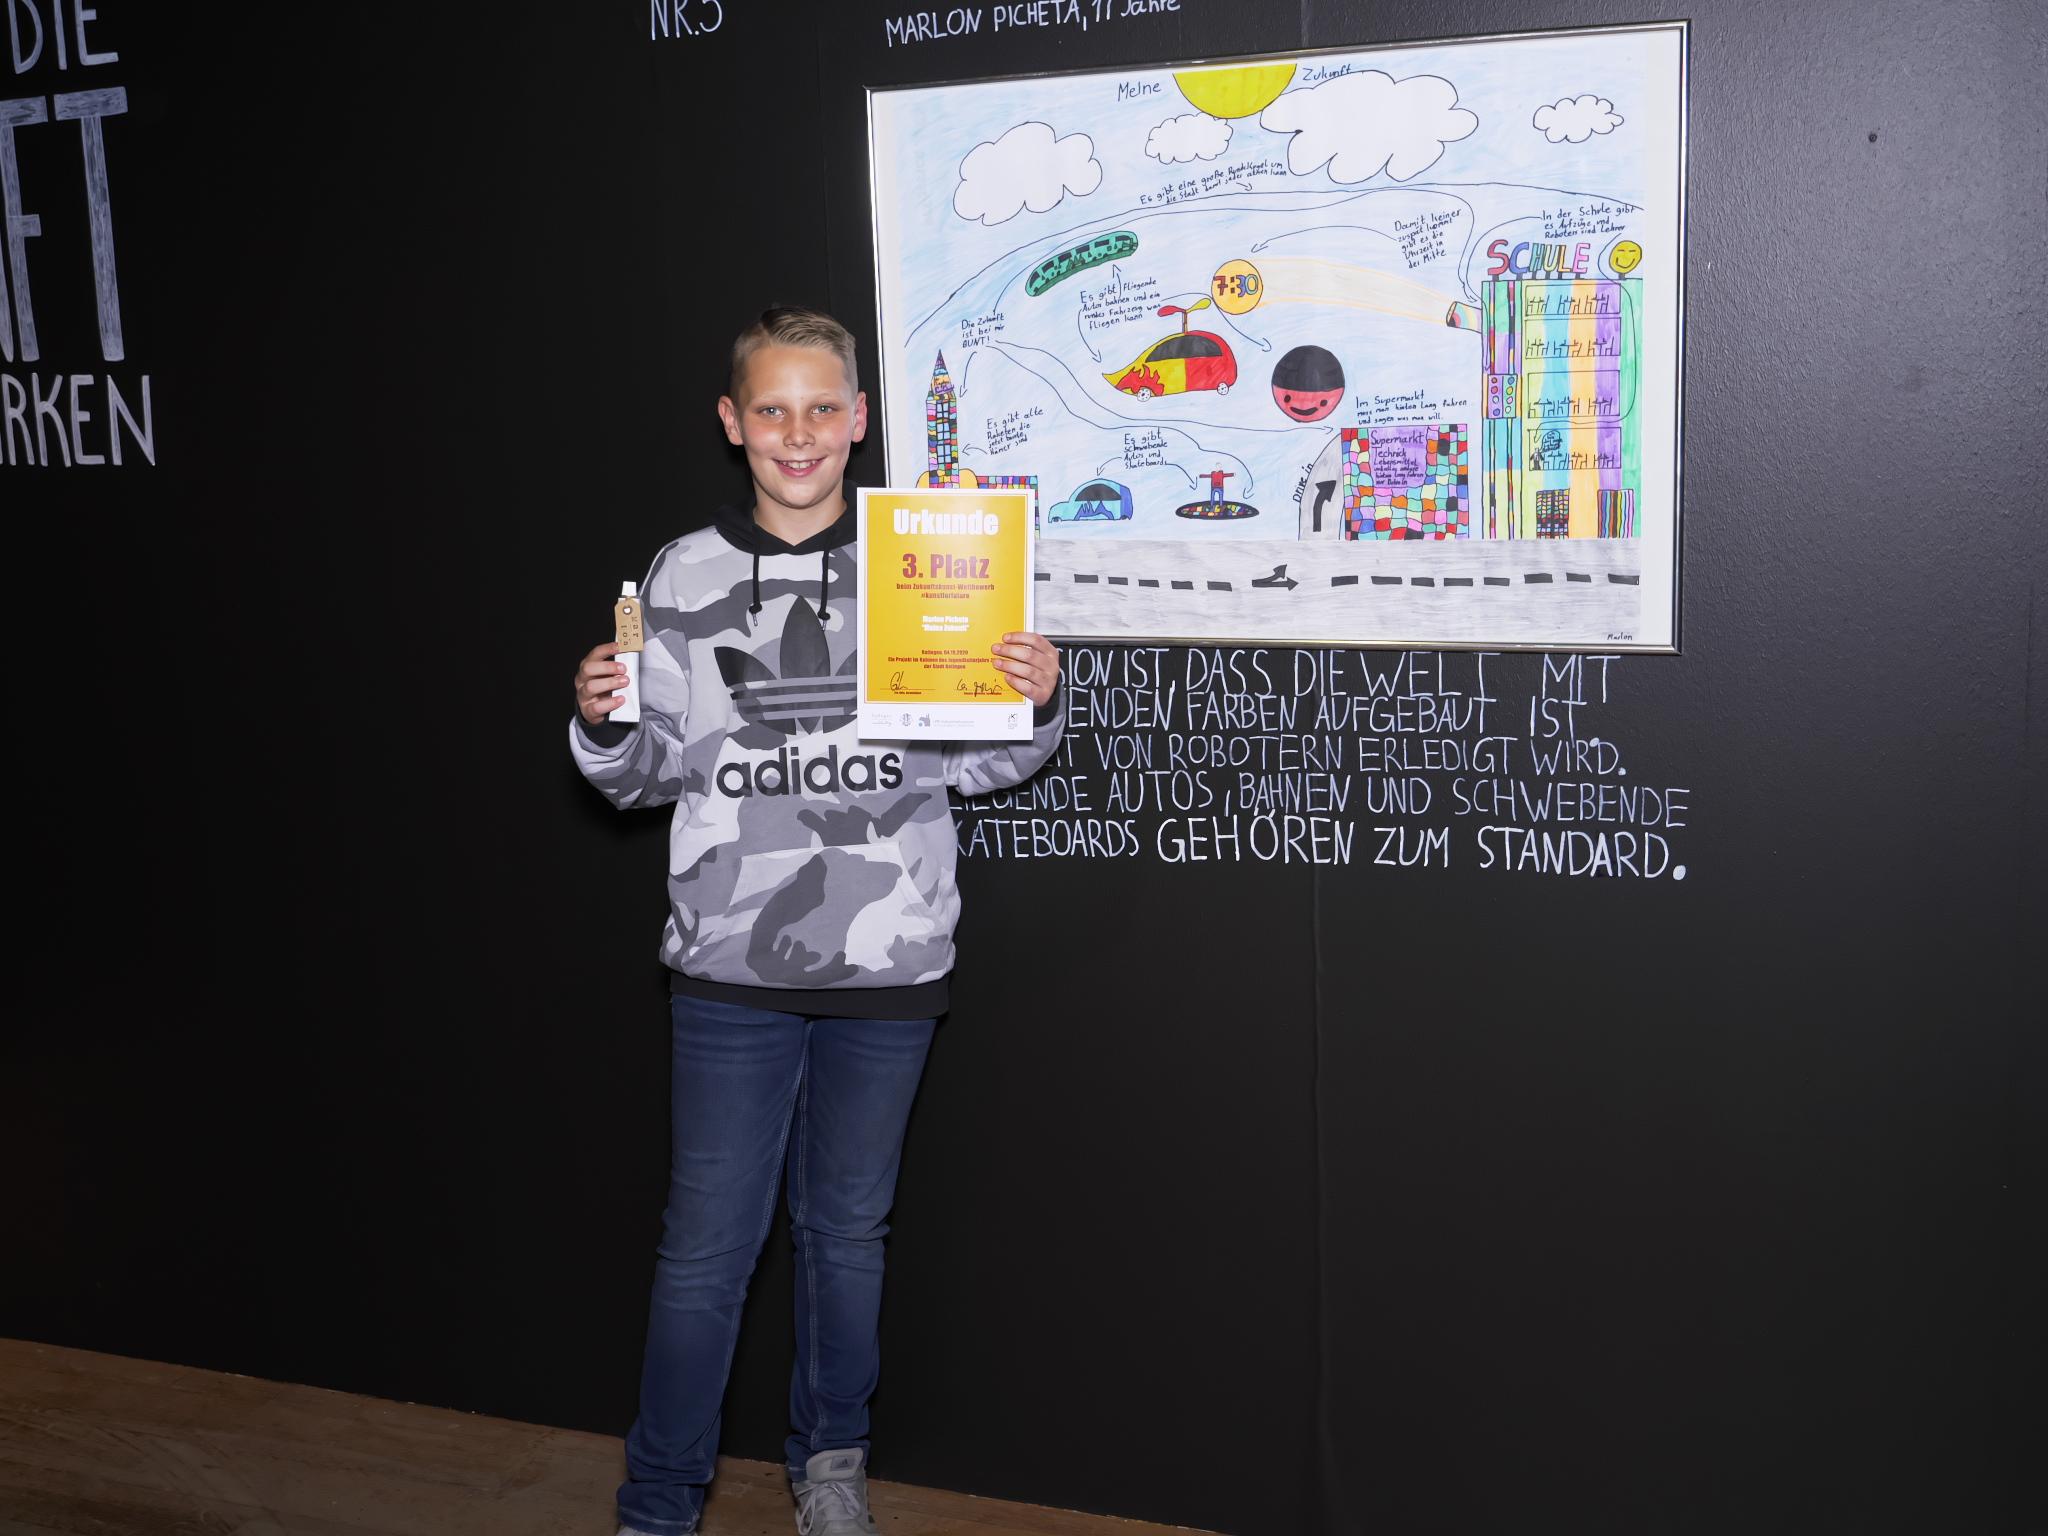 jugendkulturjahr-2020-ratingen-jkj2020-KFF Preisverleigung05